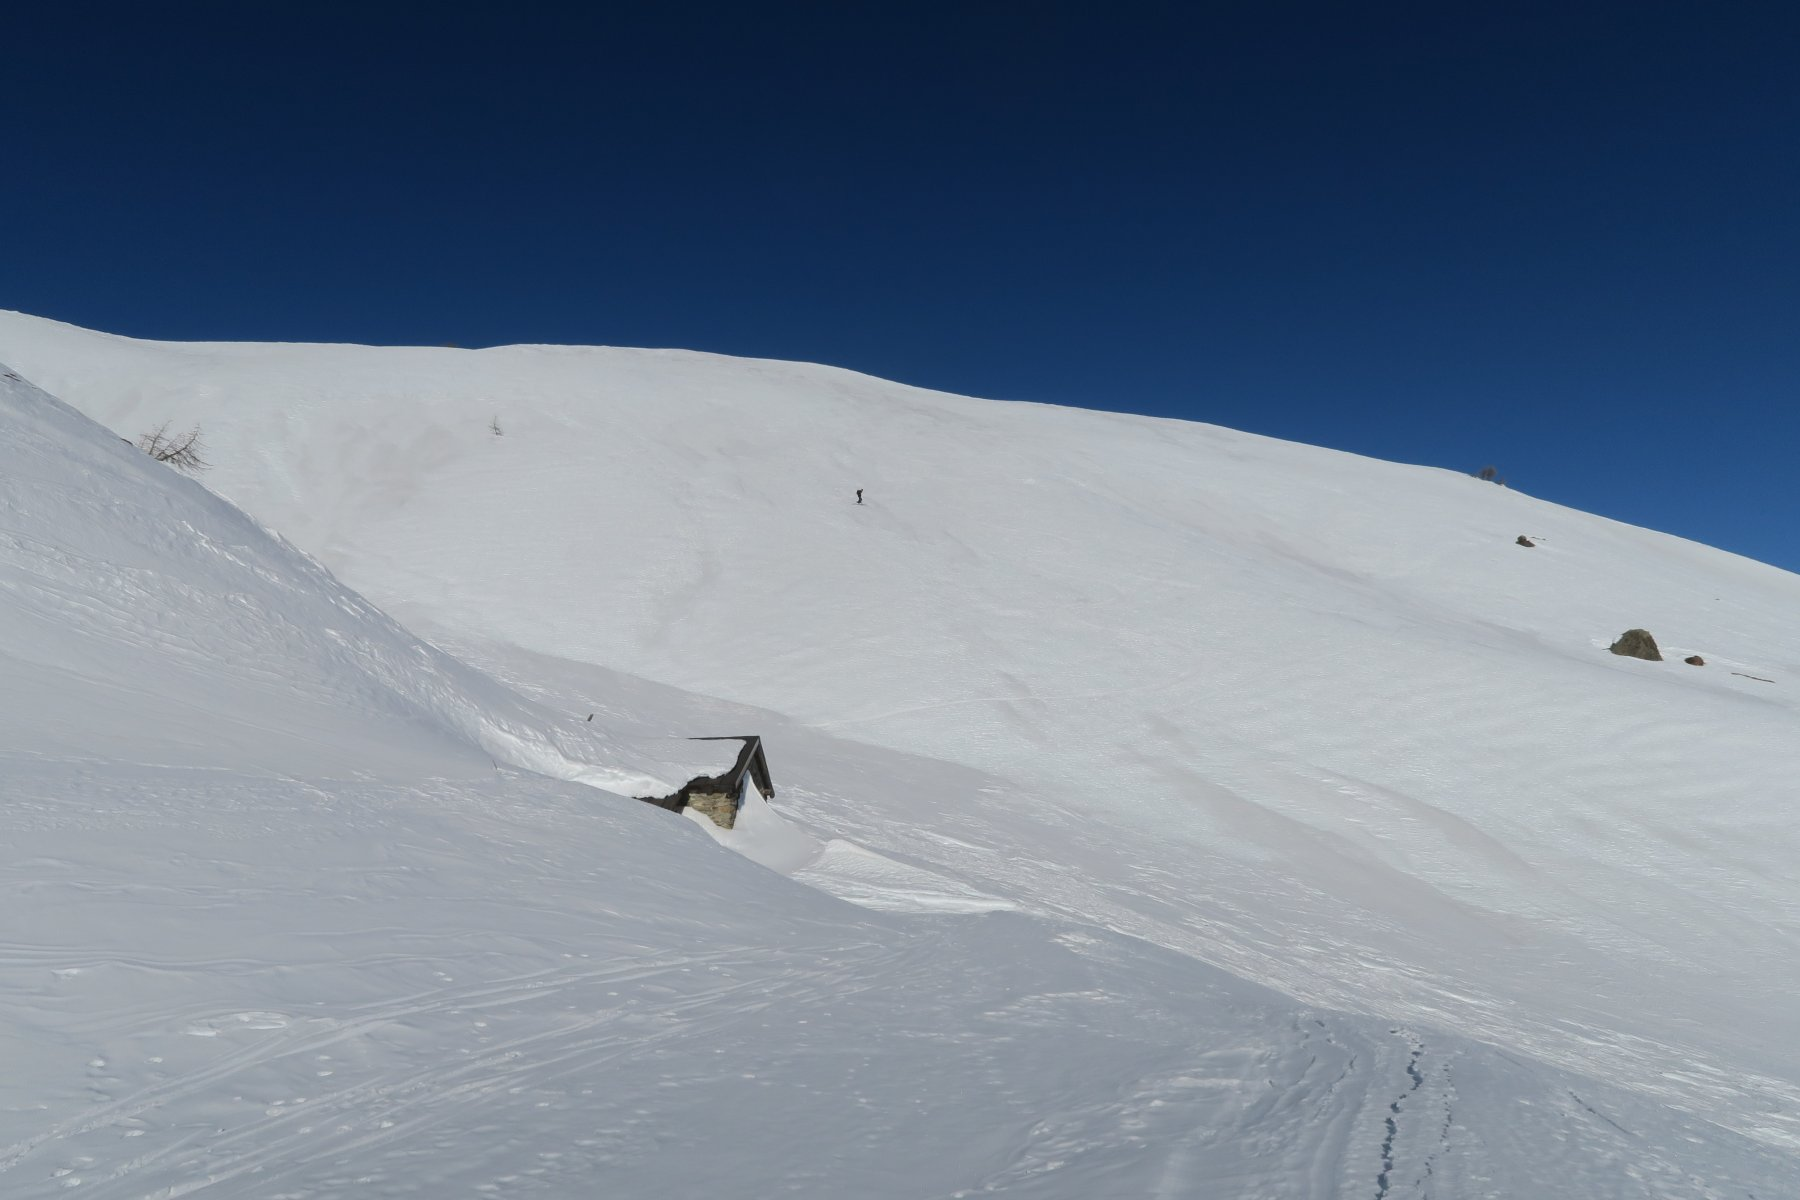 nel versante più esposto al sole neve primaverile